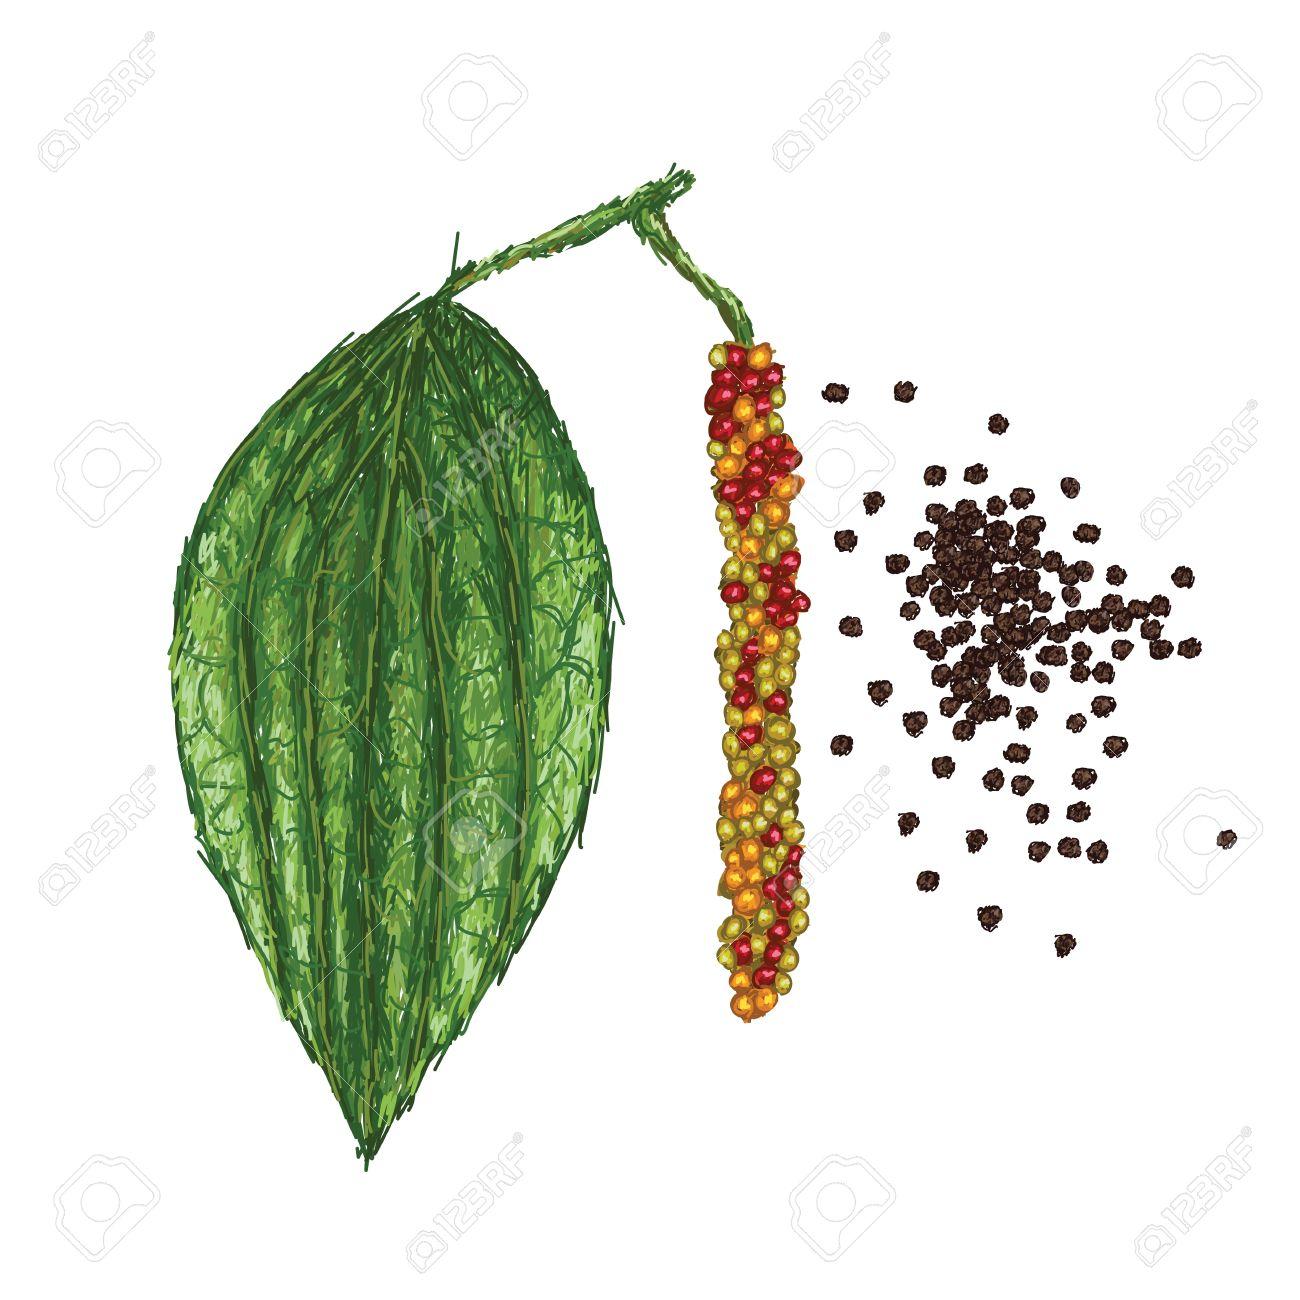 Unique Style Illustration Of Black Pepper Or Piper Nigrum Leaf.